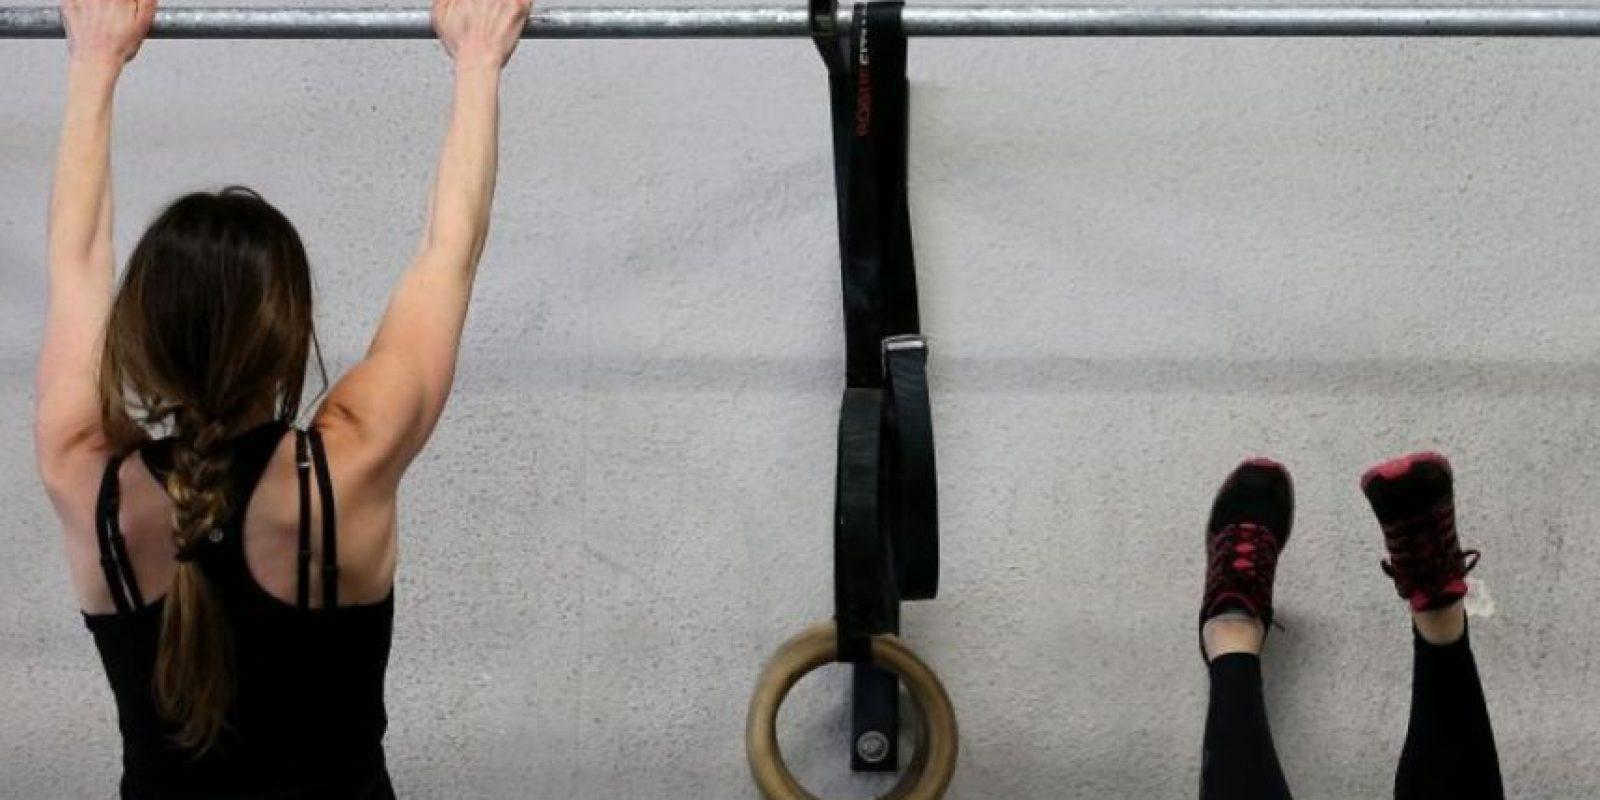 Los beneficios incluyen la mejora de la capacidad aeróbica y el aumento de resistencia, reducción de grasa corporal y aumento de la fuerza. Foto:Getty Images